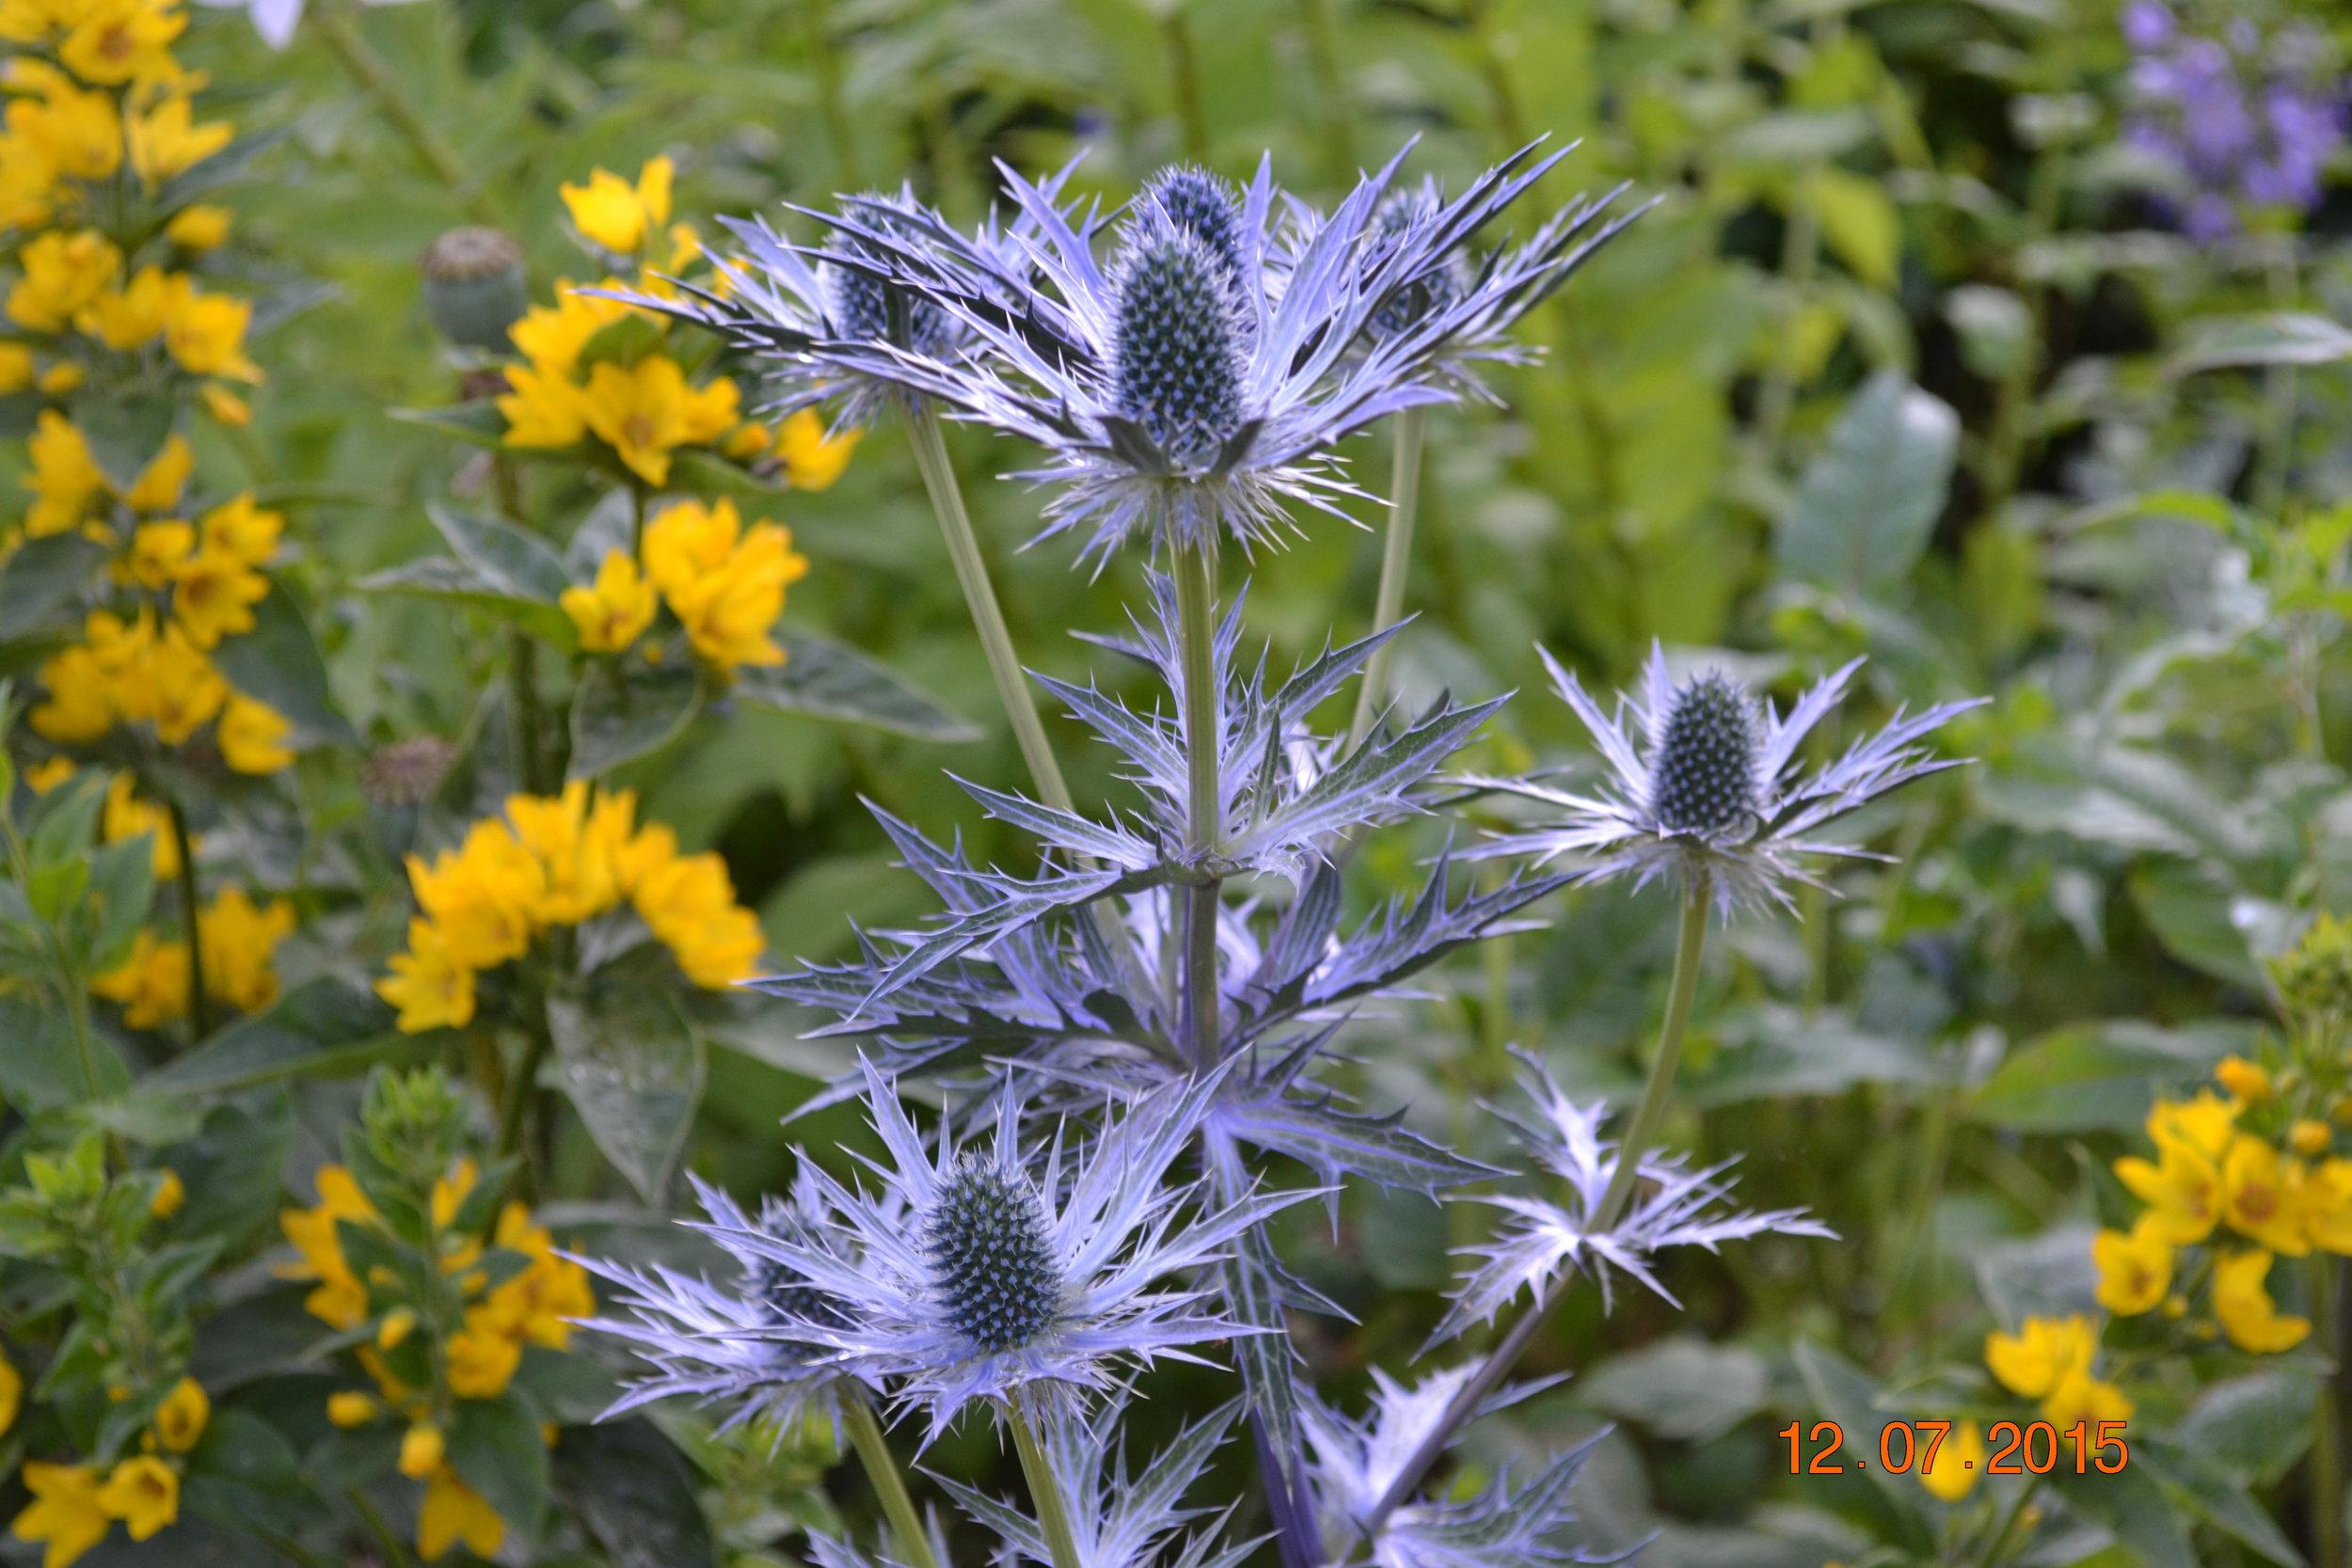 Wales 2015 garden summer flower arranging at home 071.JPG